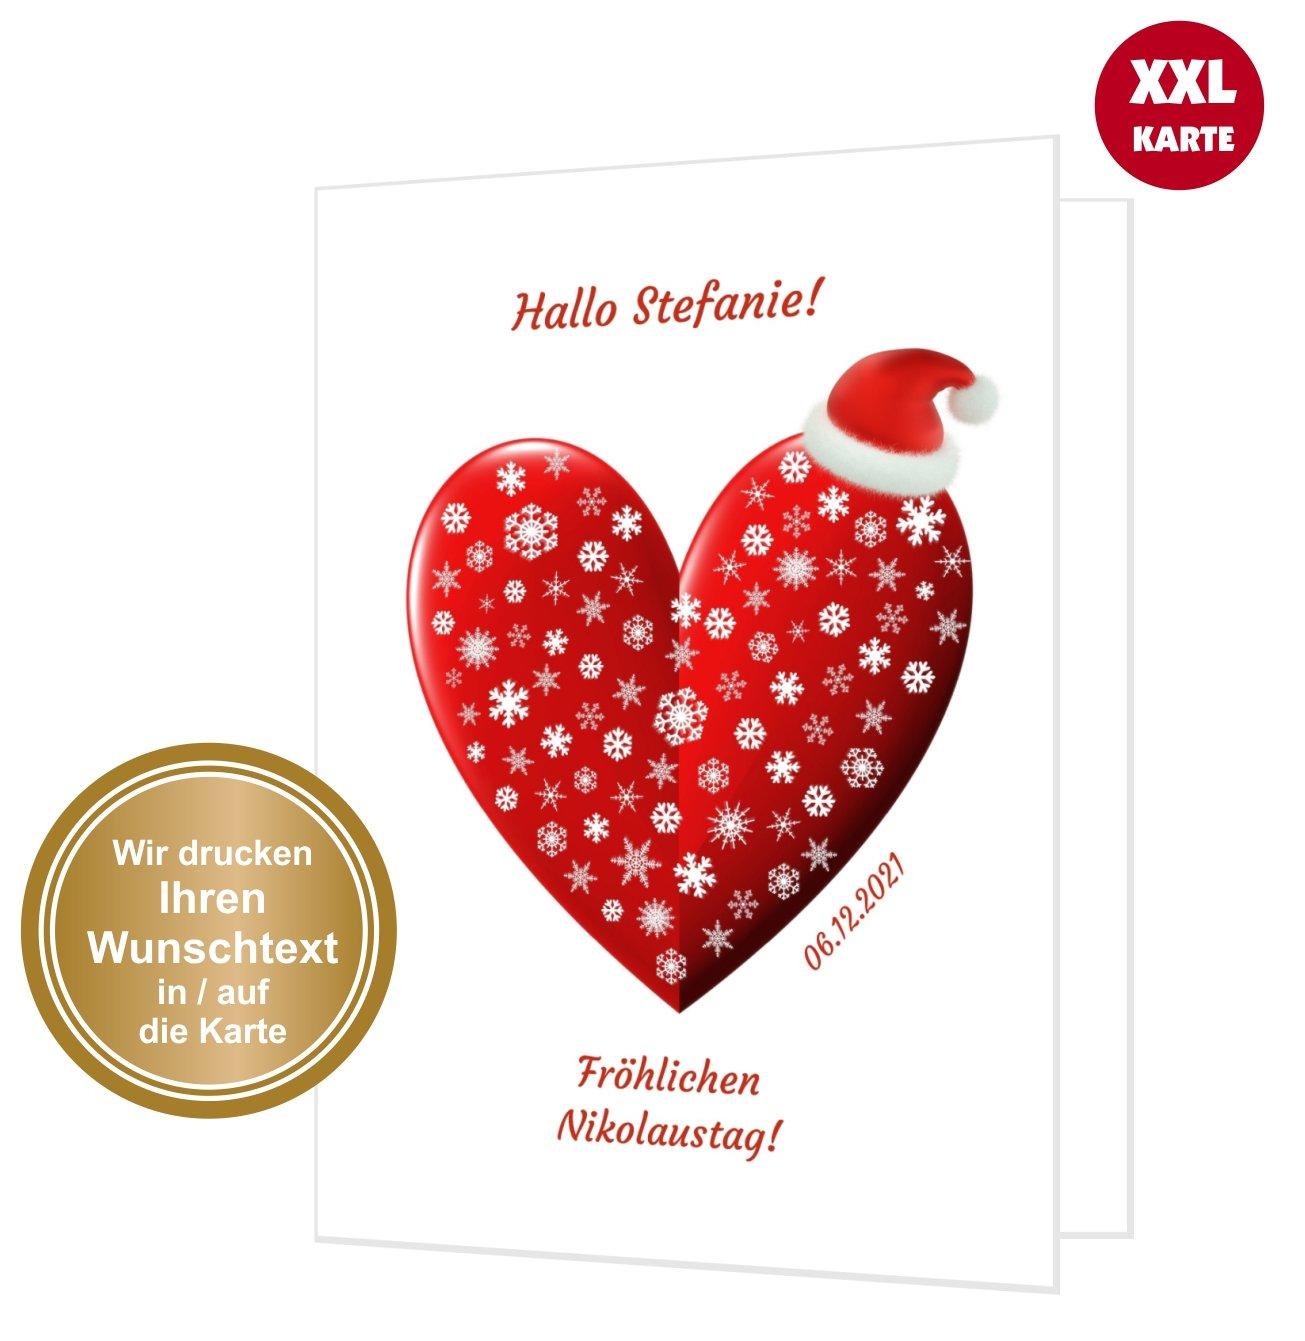 Gro e nikolauskarte oder weihnachtskarte weihnachtsherz unser festtag einladungskarten - Weihnachtskarte freundin ...